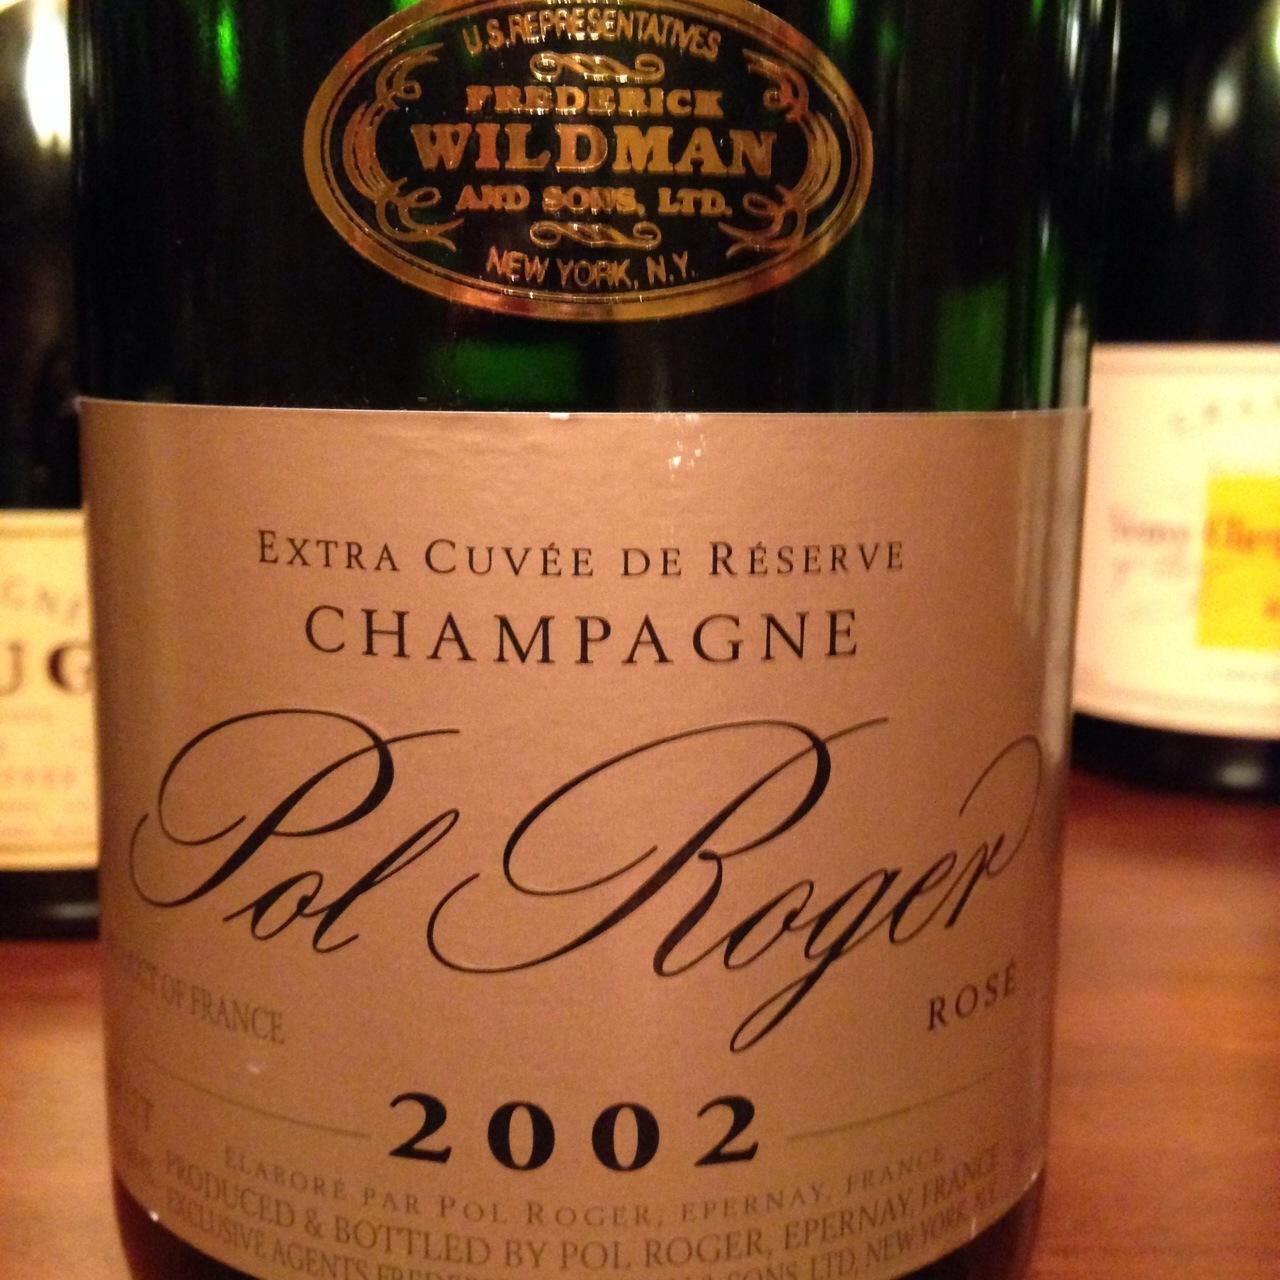 Pol Roger Extra Cuvée de Réserve Brut Rosé Champagne Blend 2002